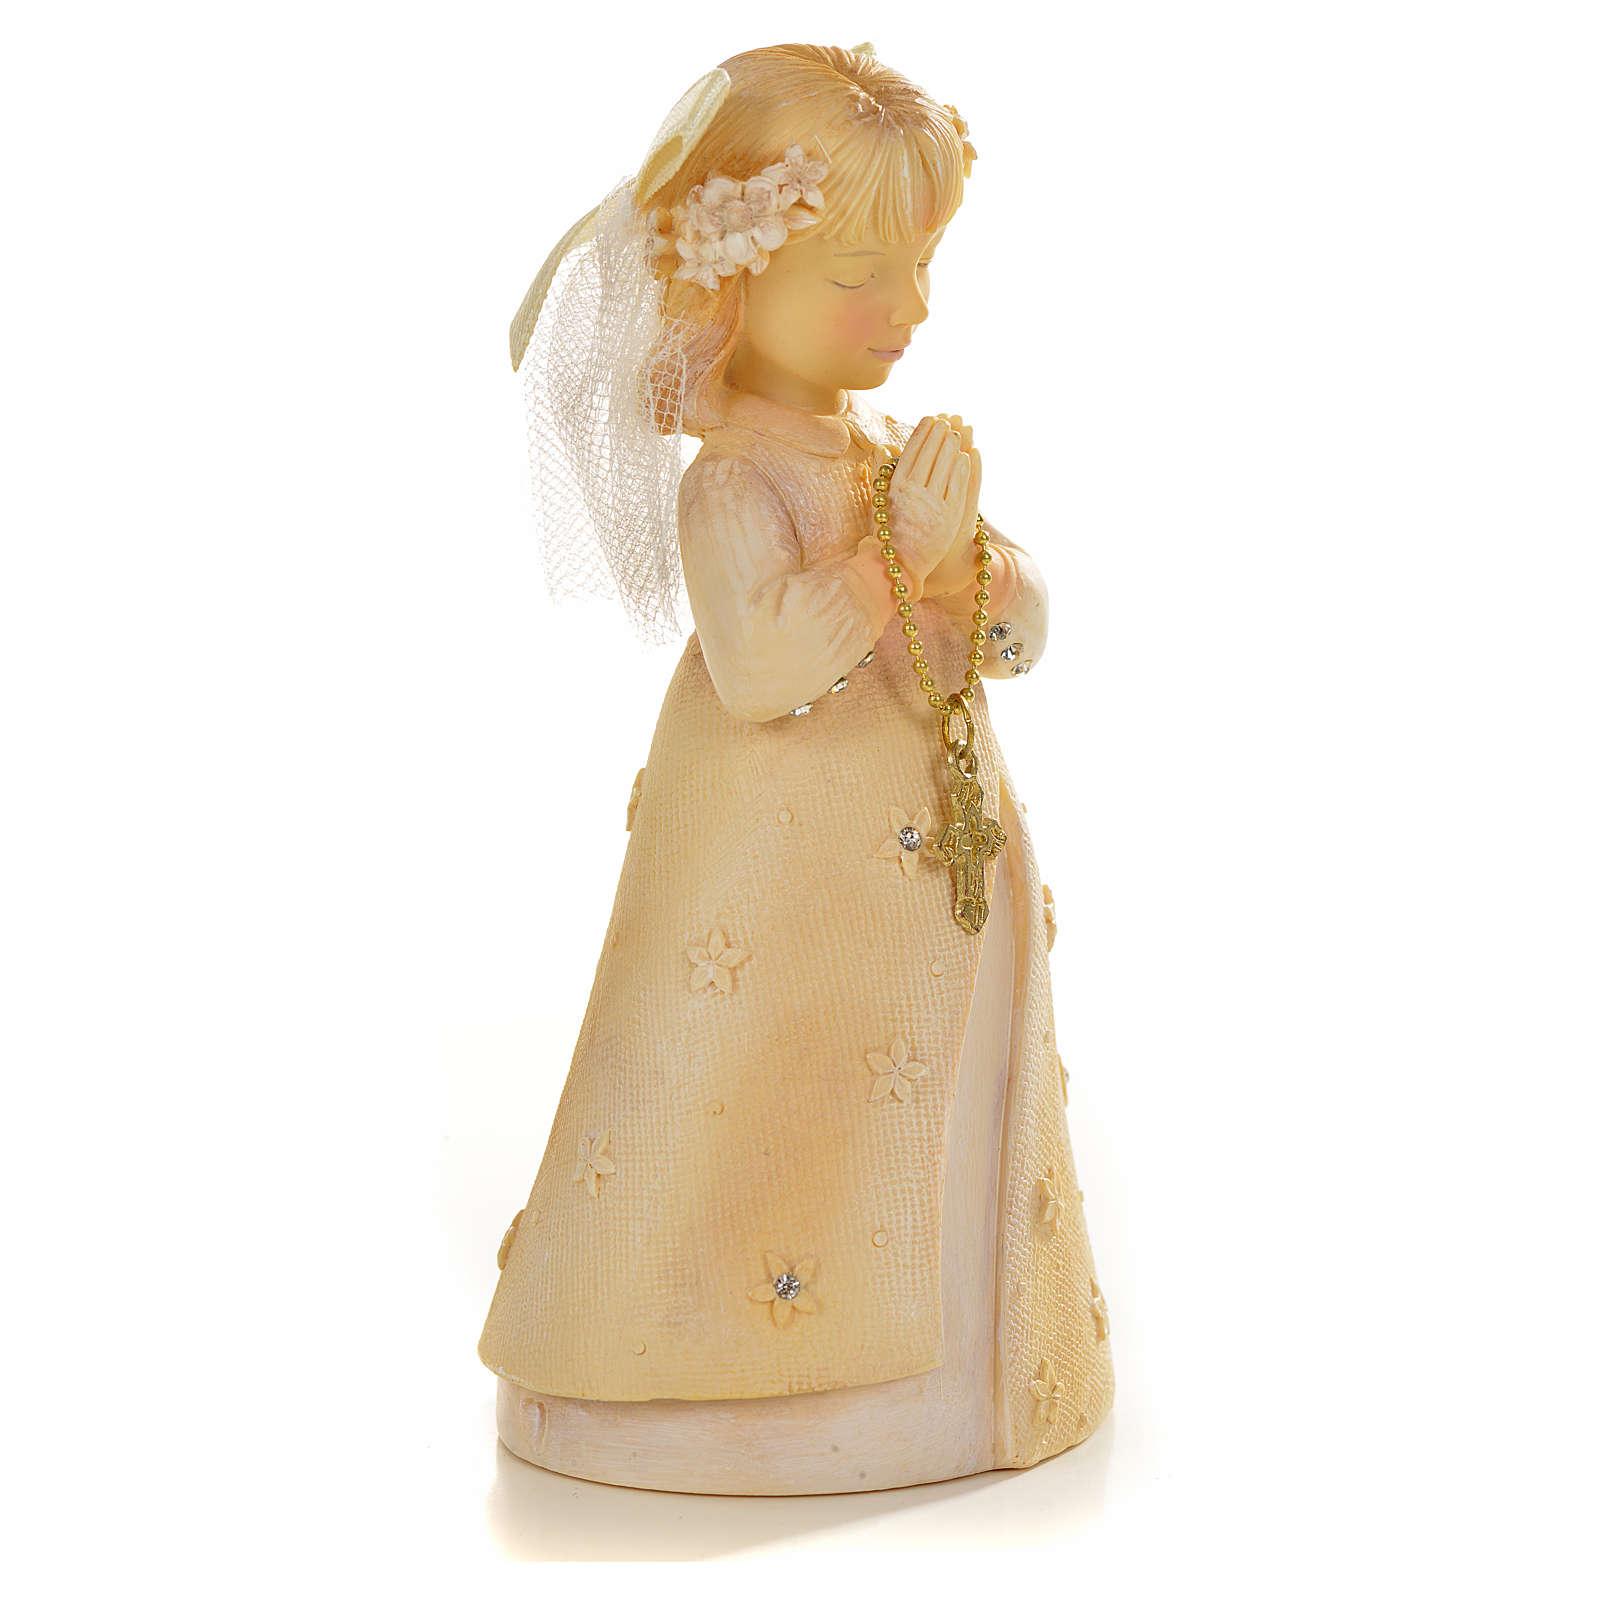 Praying young girl in resin 3